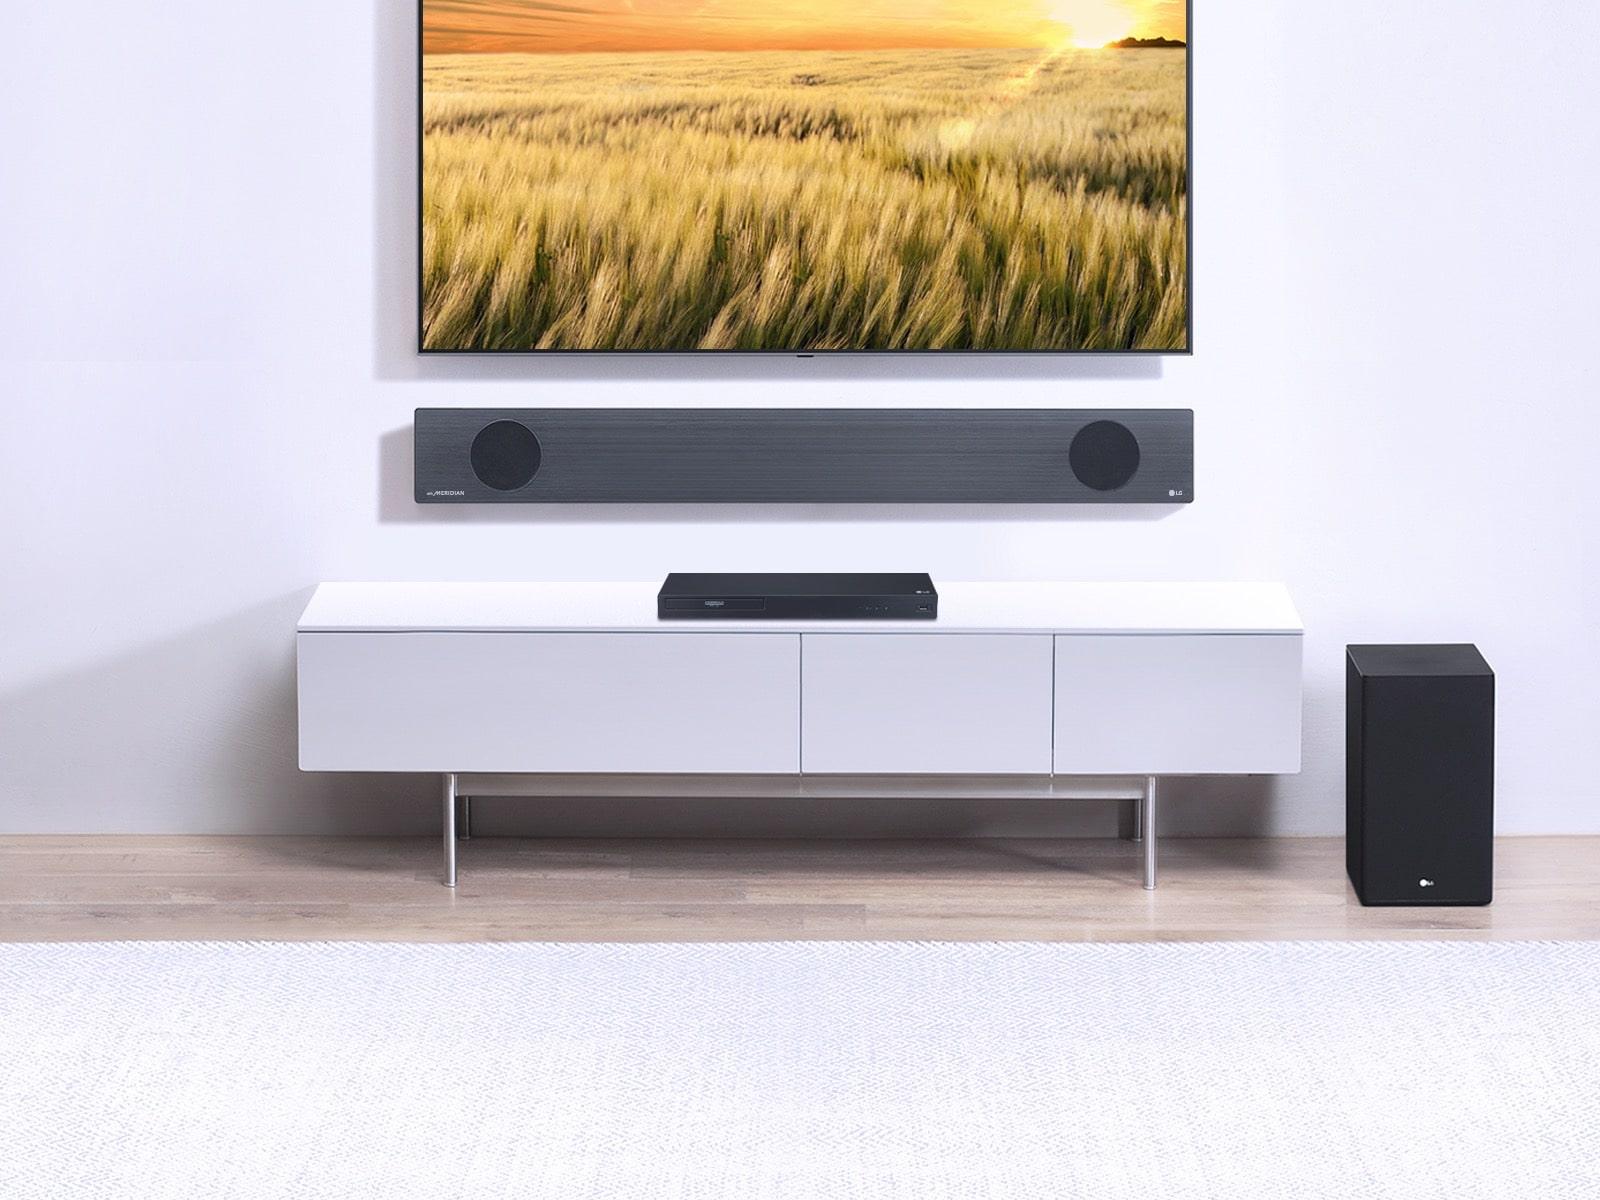 4K видео и звук высокой четкости